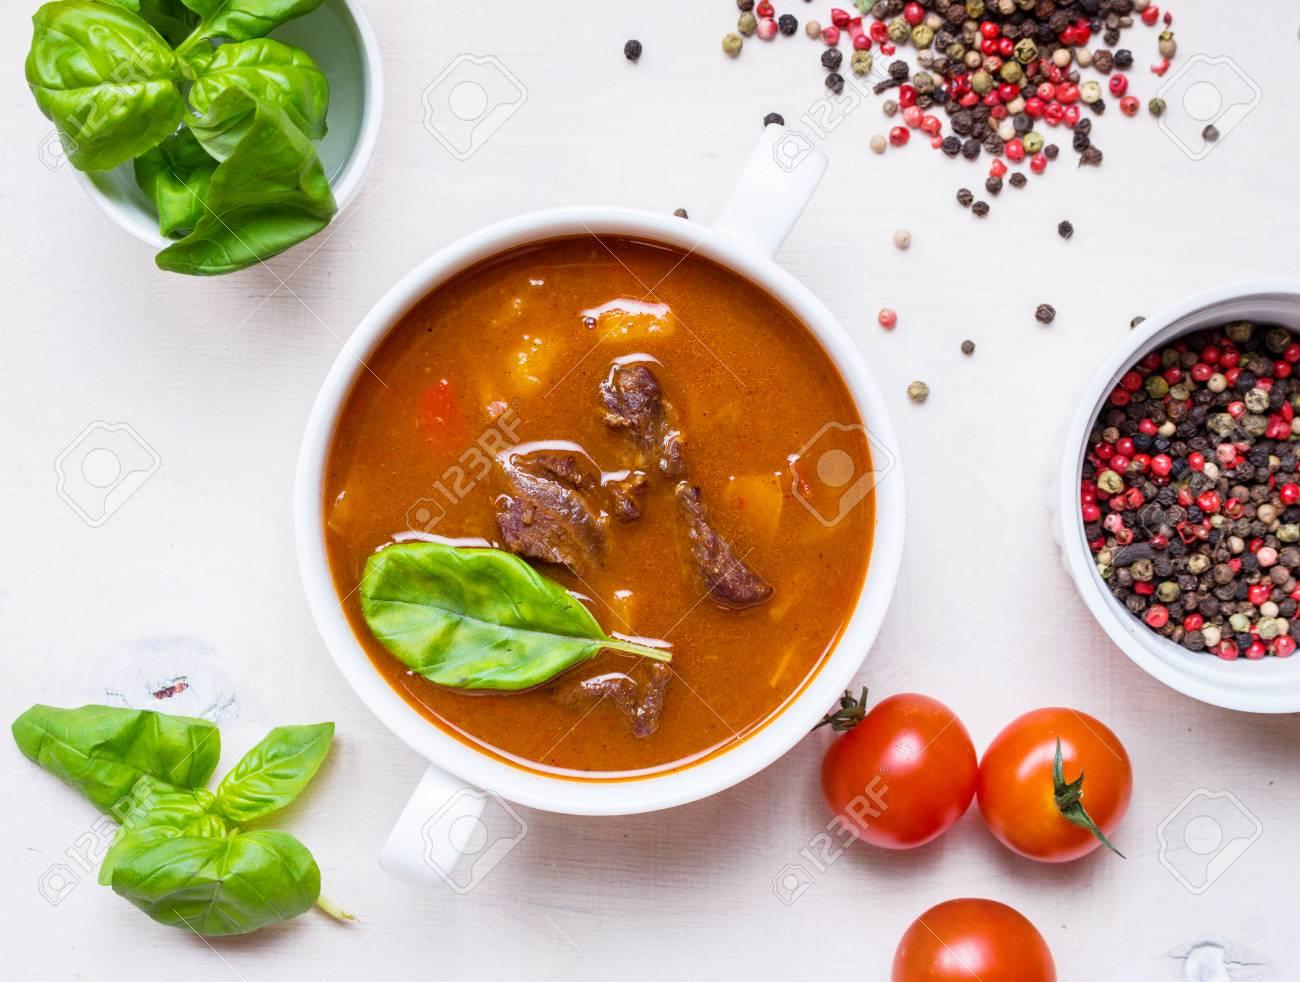 Köstliche Tomatensuppe Mit Fleisch Auf Einem Weißen Rustikalen